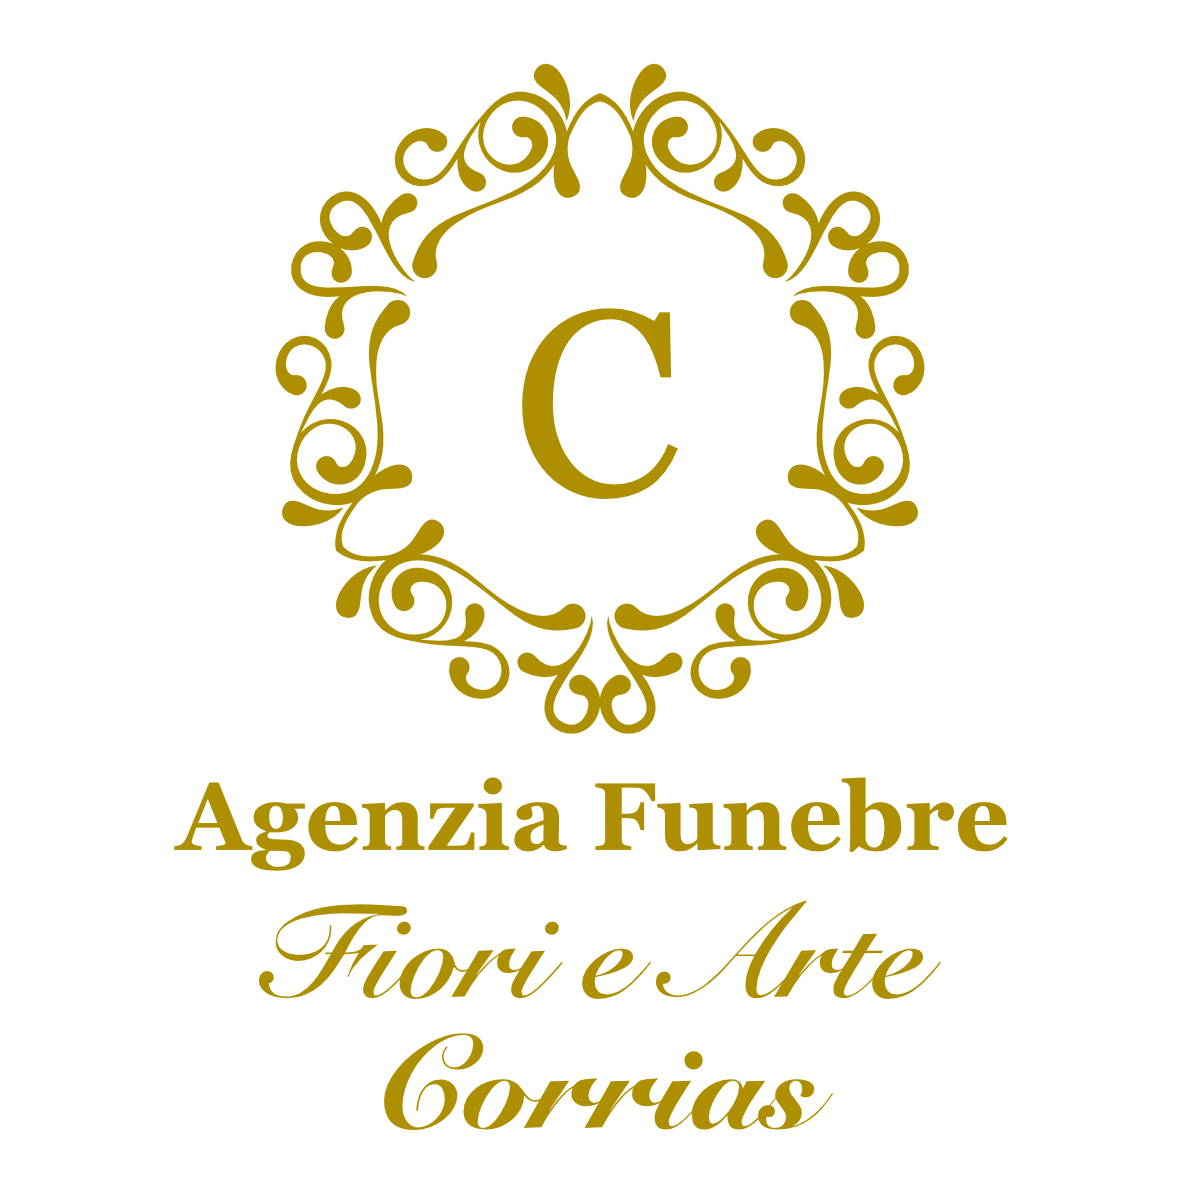 Onoranze Funebri Fiori e Arte di Severio Corrias